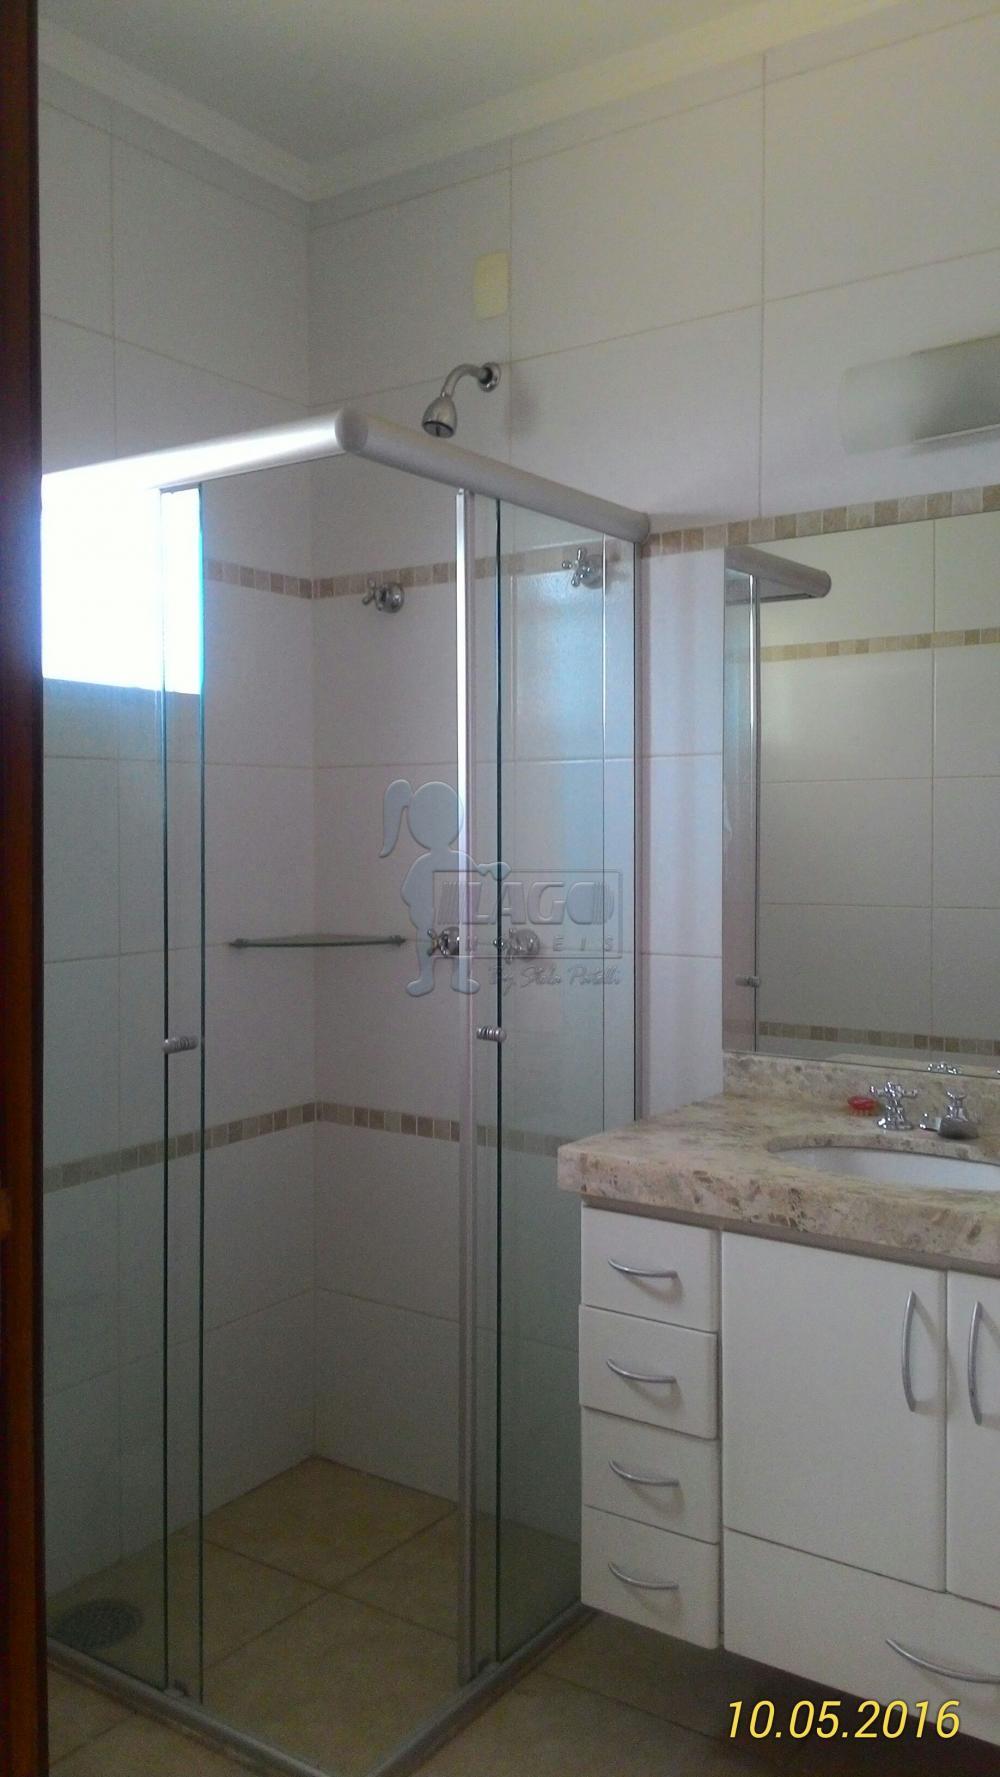 Alugar Casas / Condomínio em Bonfim Paulista apenas R$ 3.500,00 - Foto 22